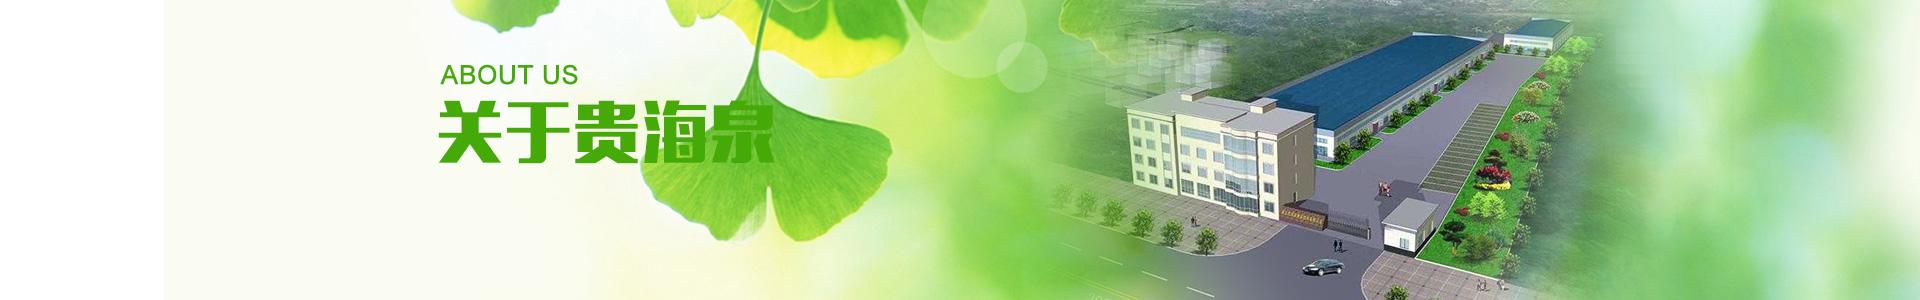 关于贵海泉banner